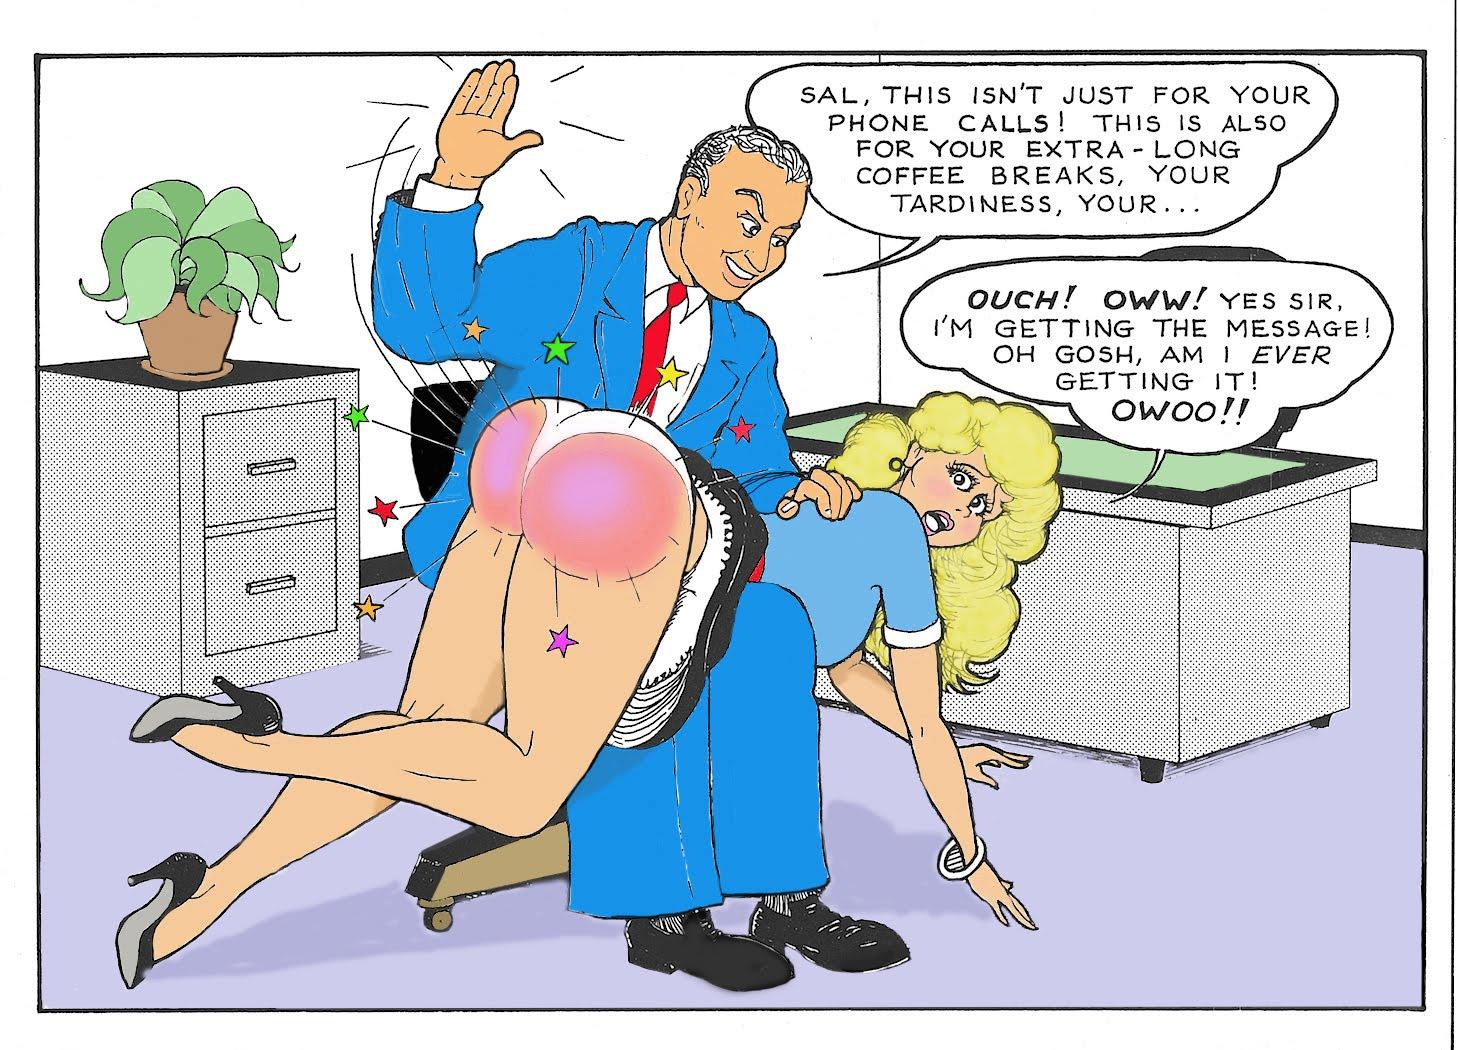 Gay spanking in banos publicos video